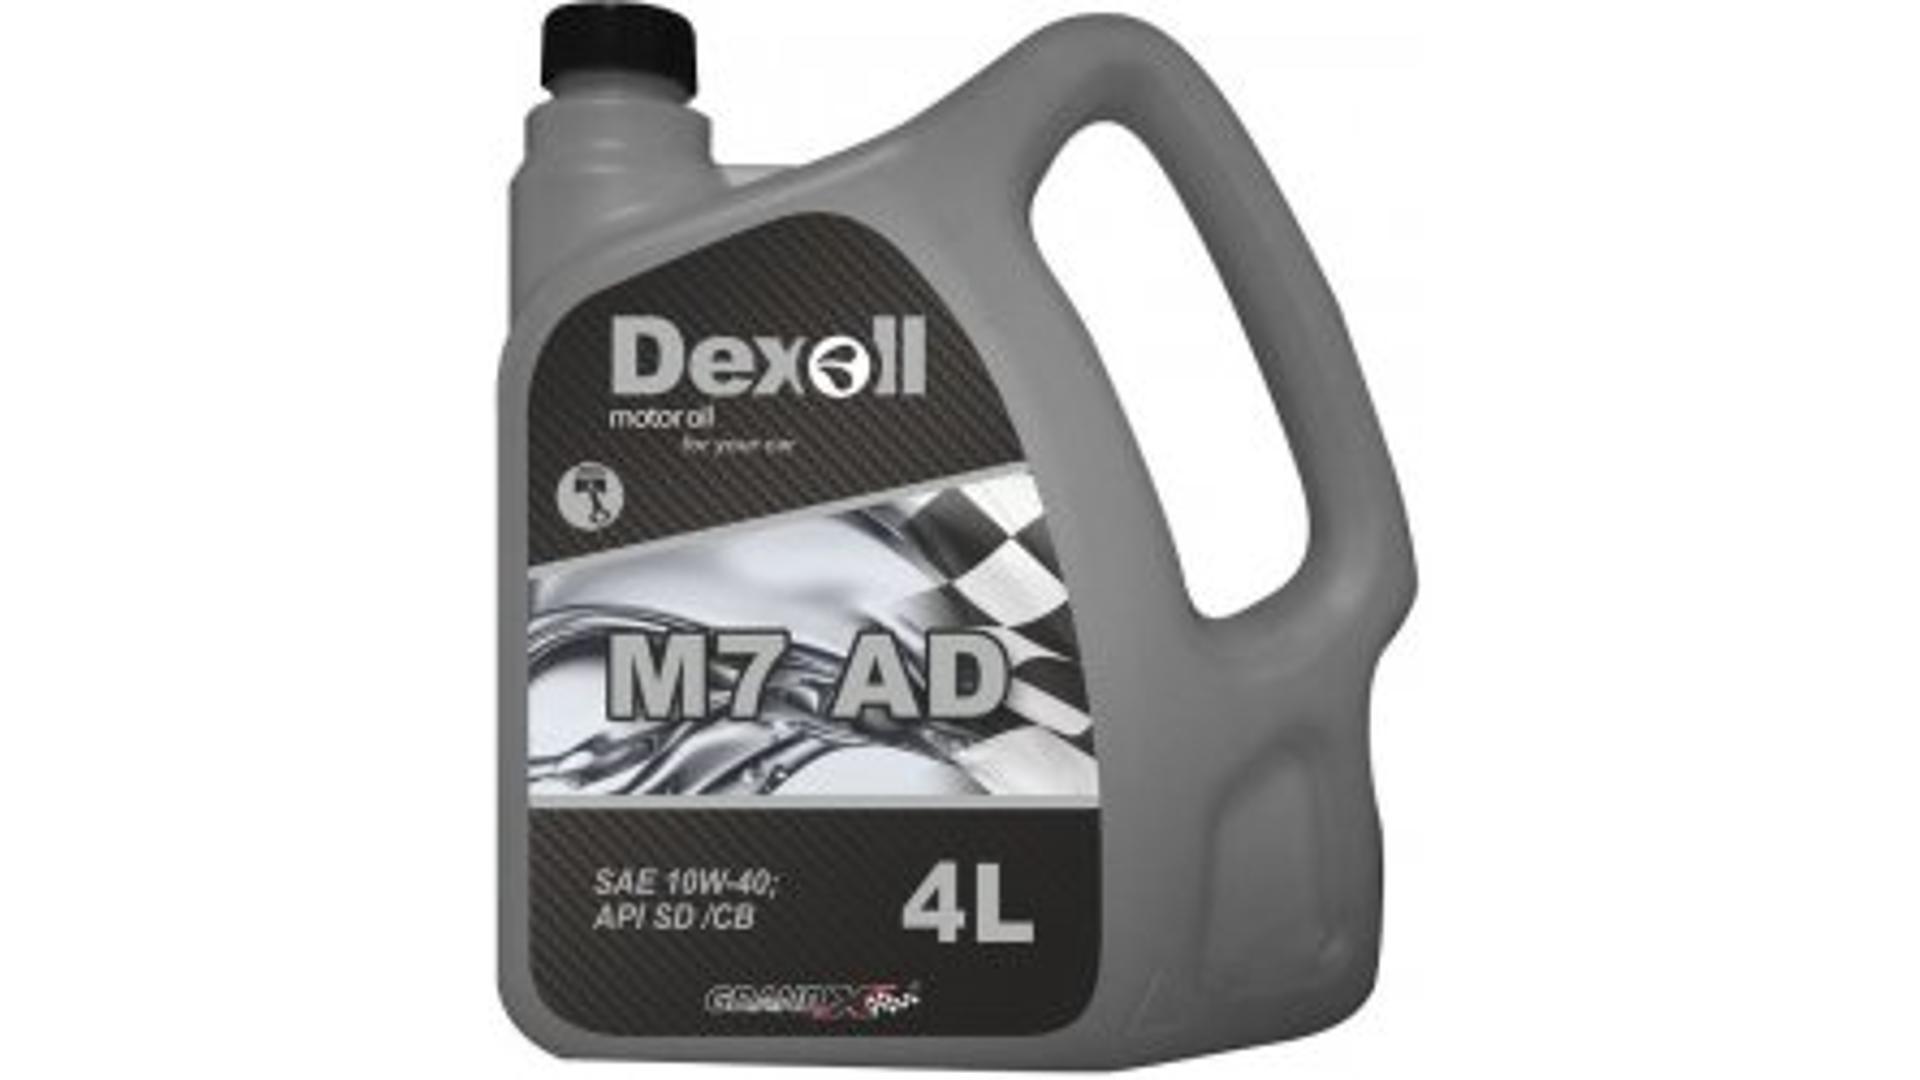 DEXOLL 10W-40 M7 AD 4L